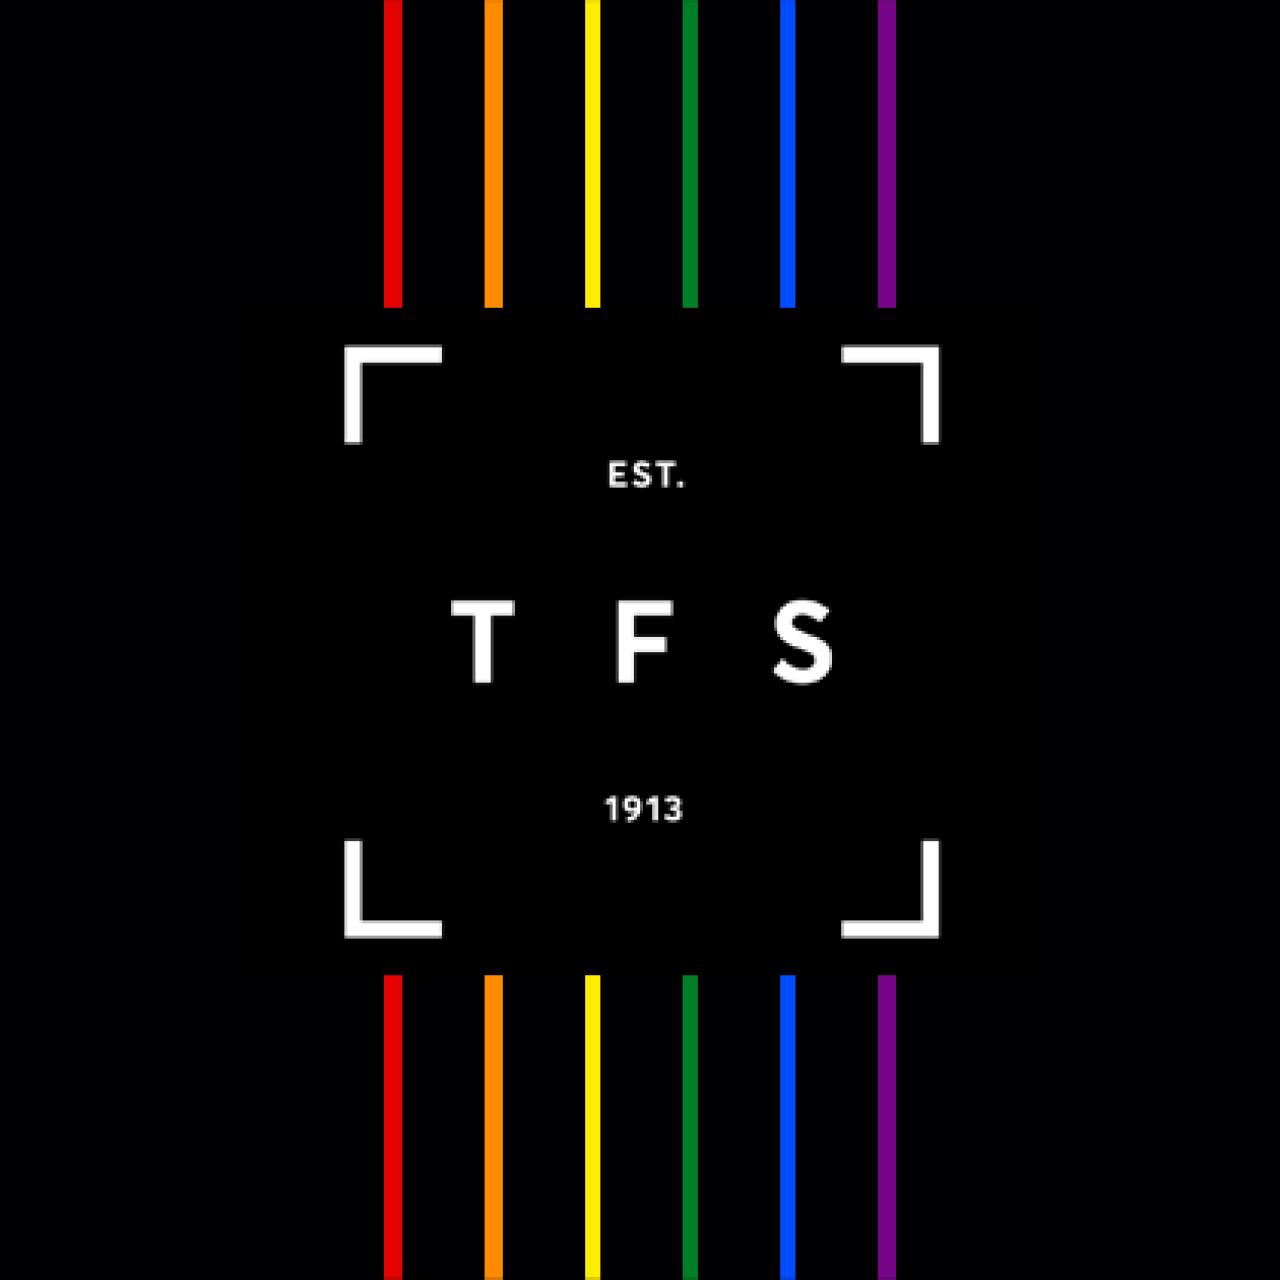 TFSRainbow